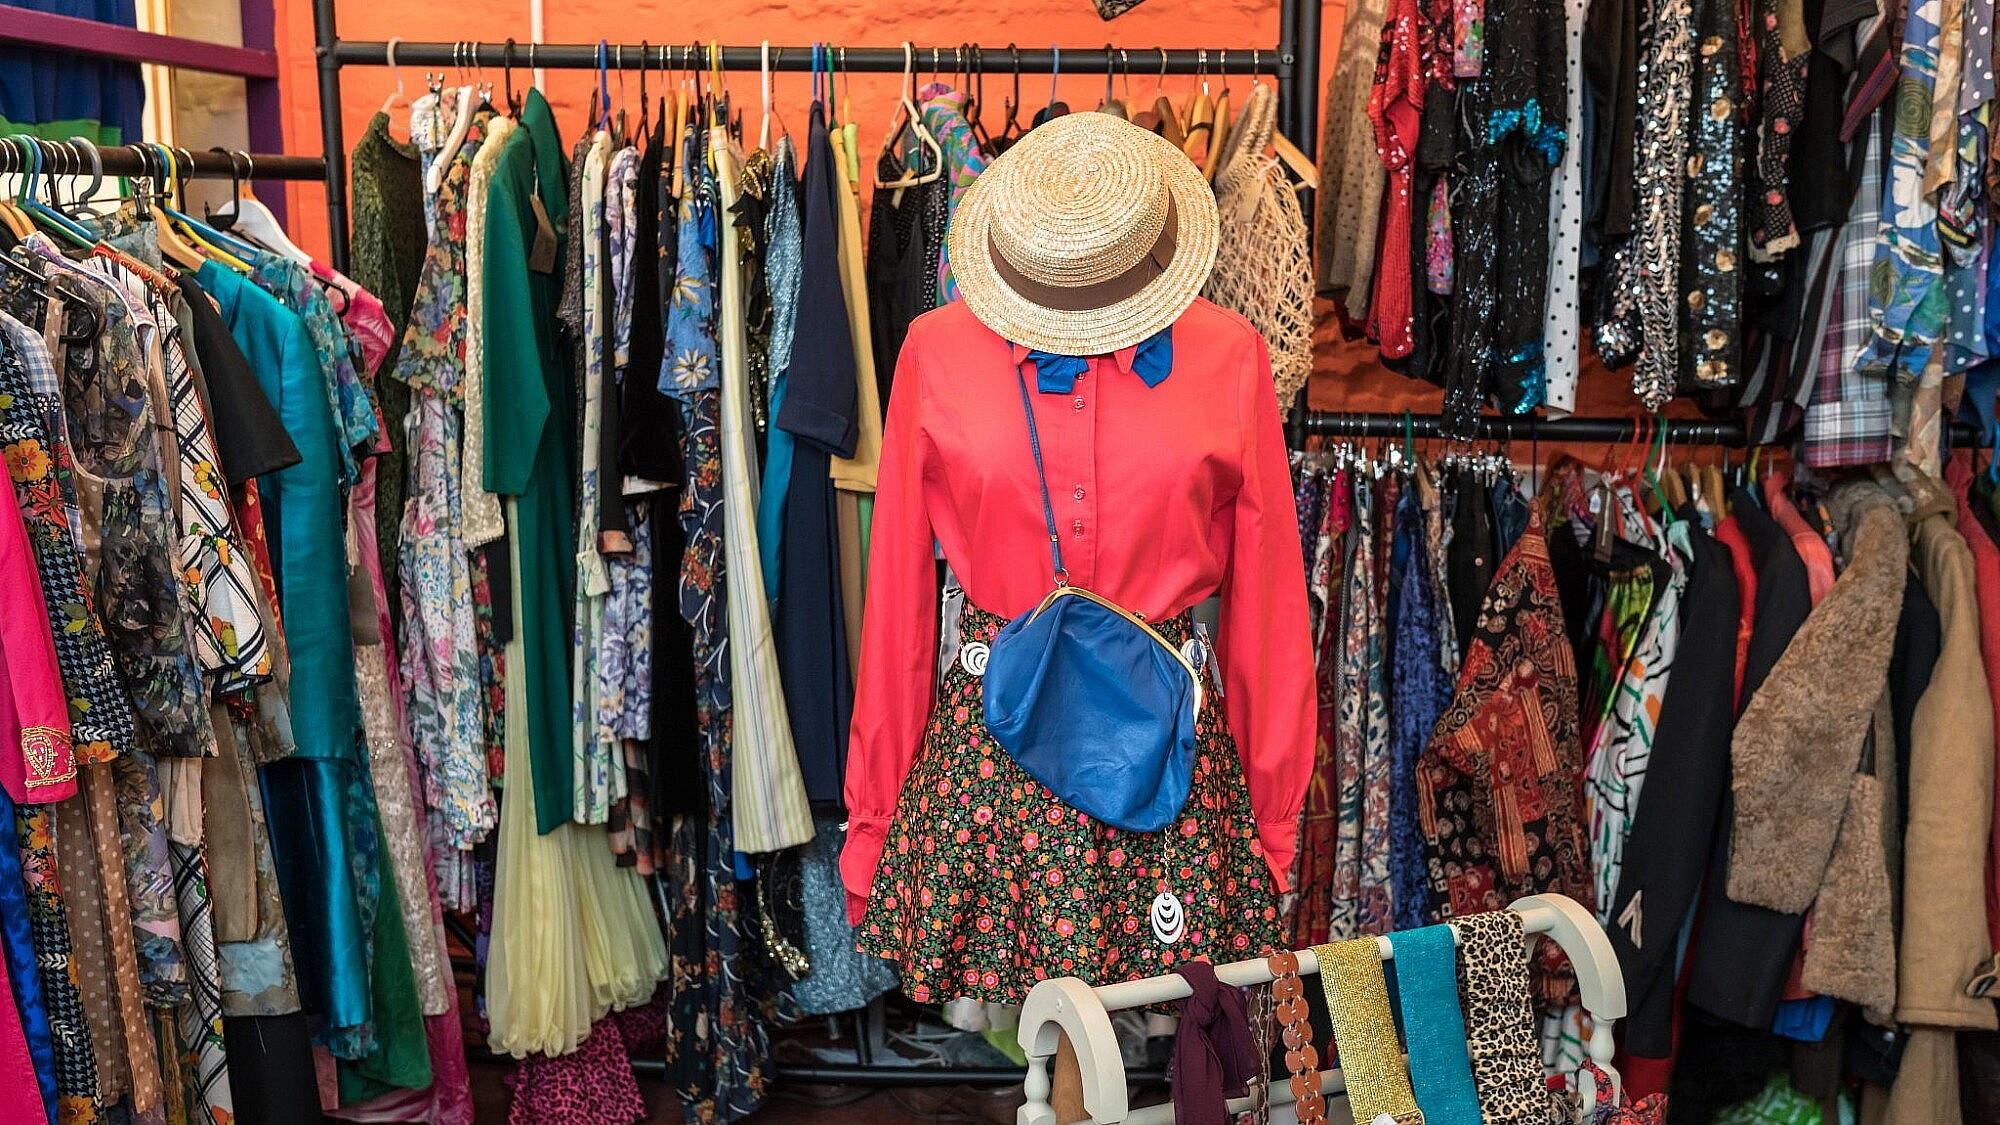 למה הפסקתי לקנות בגדים חדשים  צילום: shutterstock